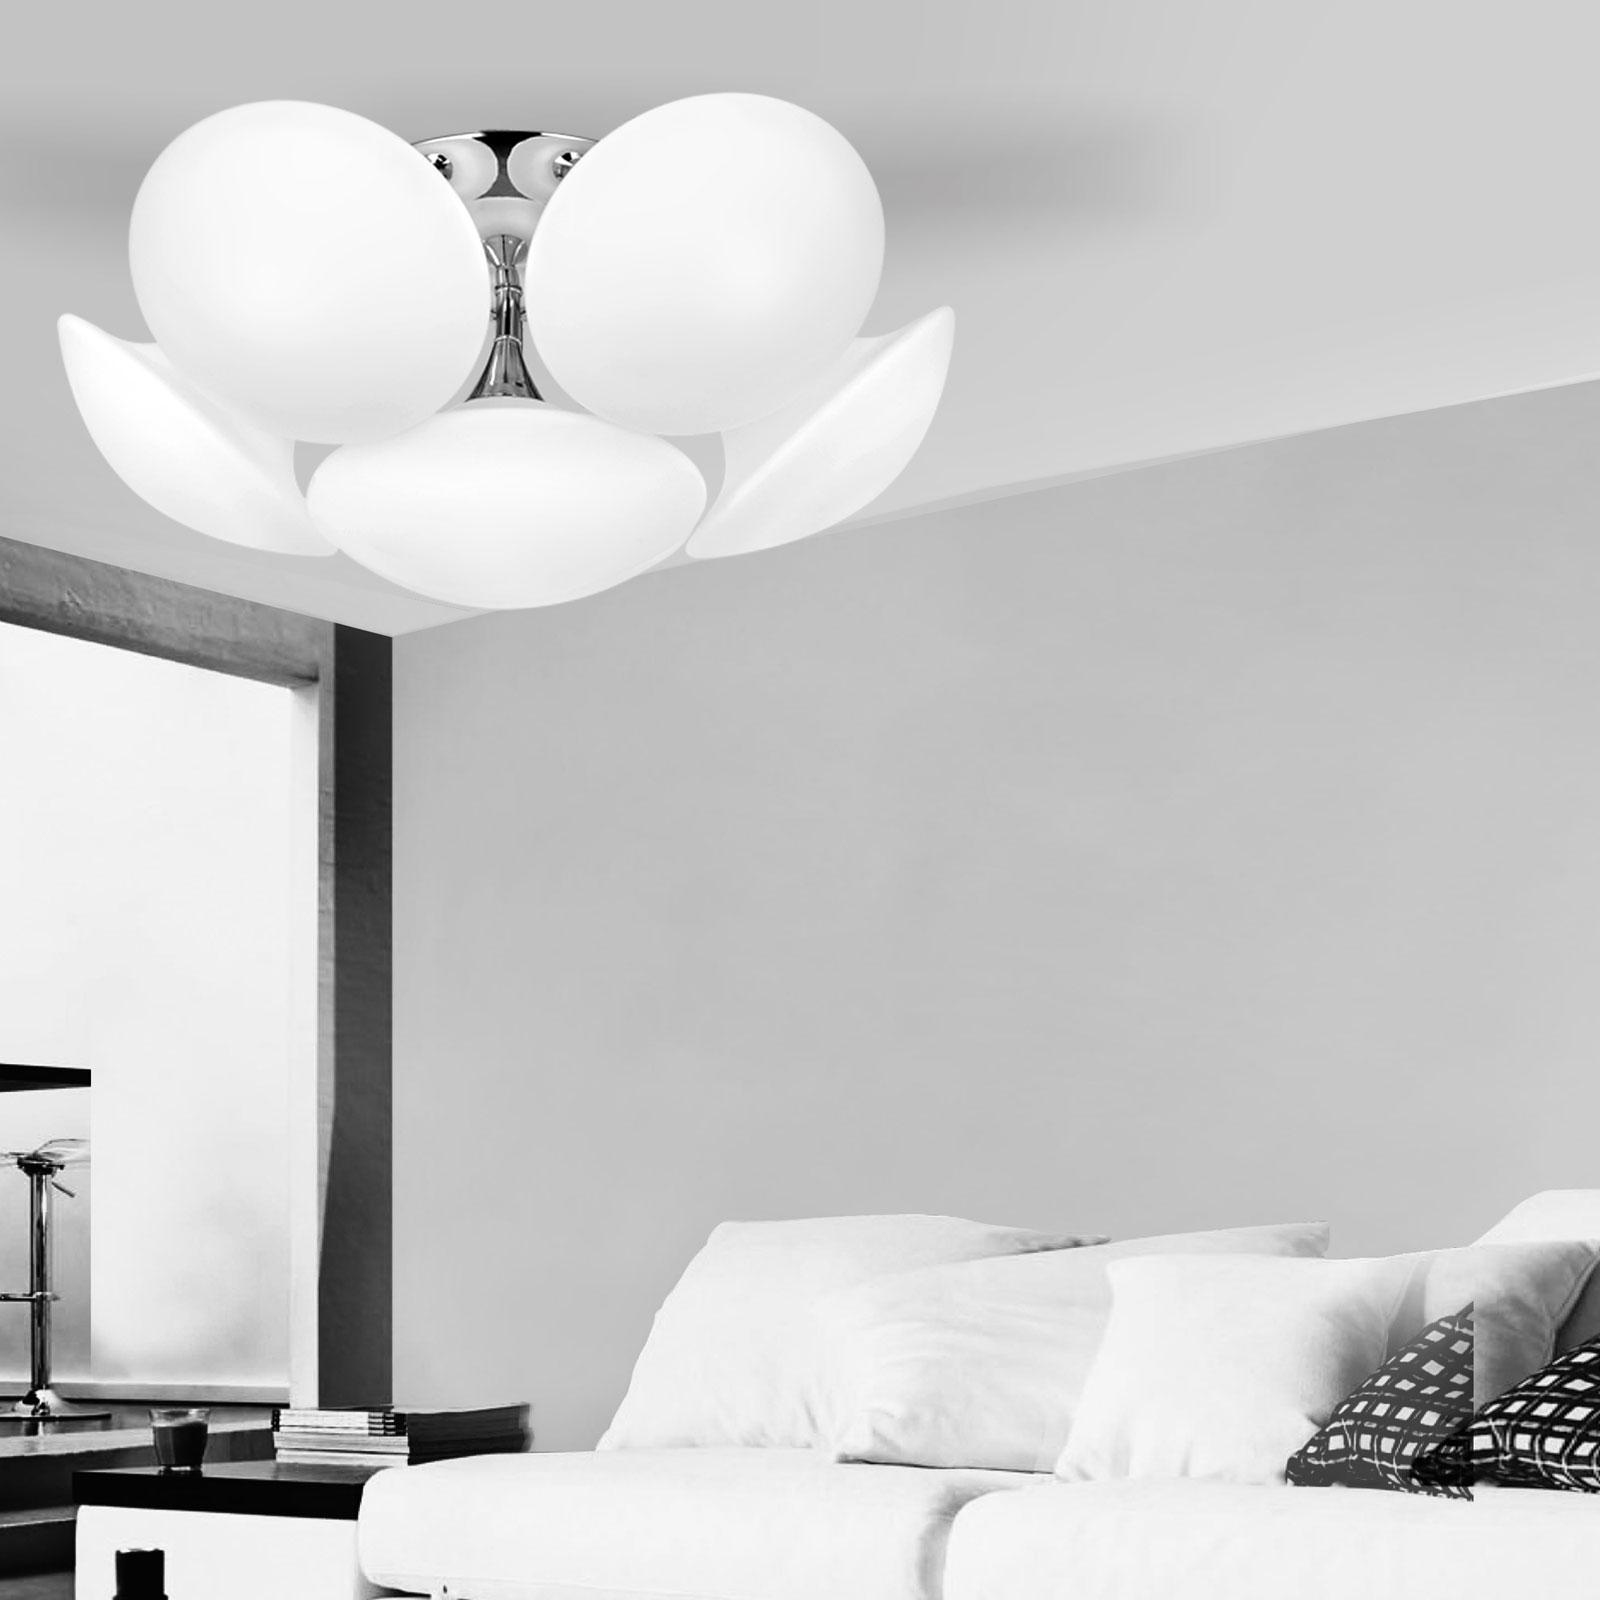 Full Size of Design Led Deckenlampe 6 Falmmig Deckenleuchte Wohnzimmer Glas Deckenleuchten Bett Modern Küche Bad Designer Esstische Badezimmer Esstisch Betten Lampen Wohnzimmer Deckenleuchten Design